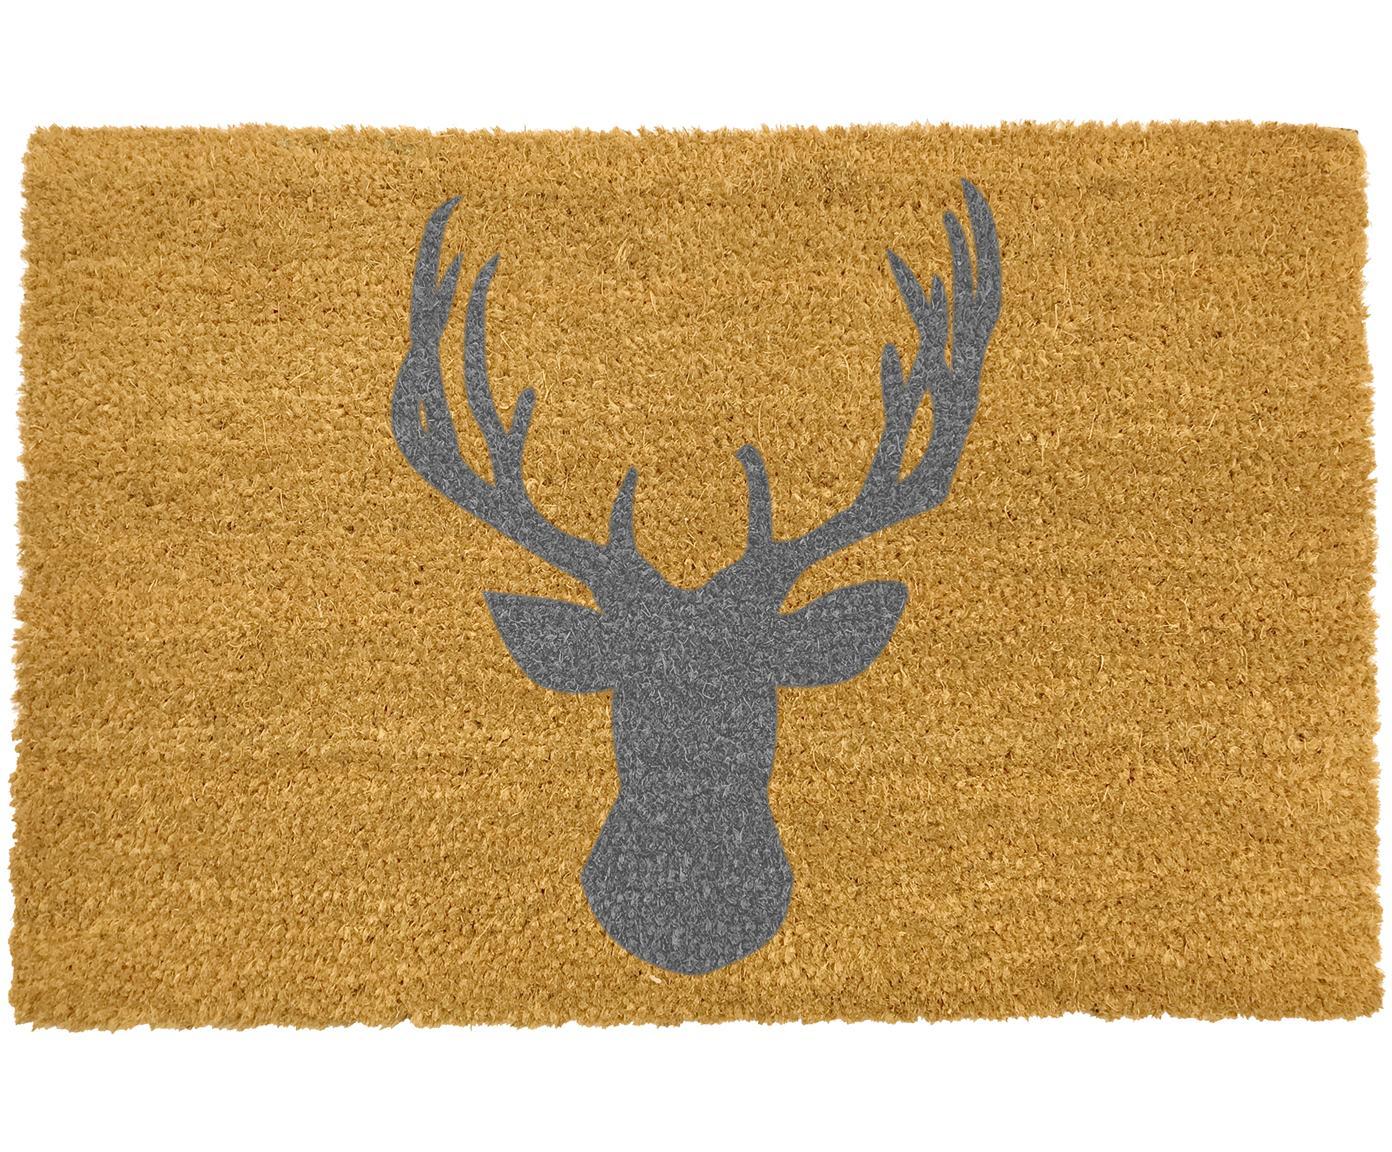 Fußmatte Stagshead, Kokosfaser, Fußmatte: Beige, Schriftzug: Grau, 40 x 60 cm